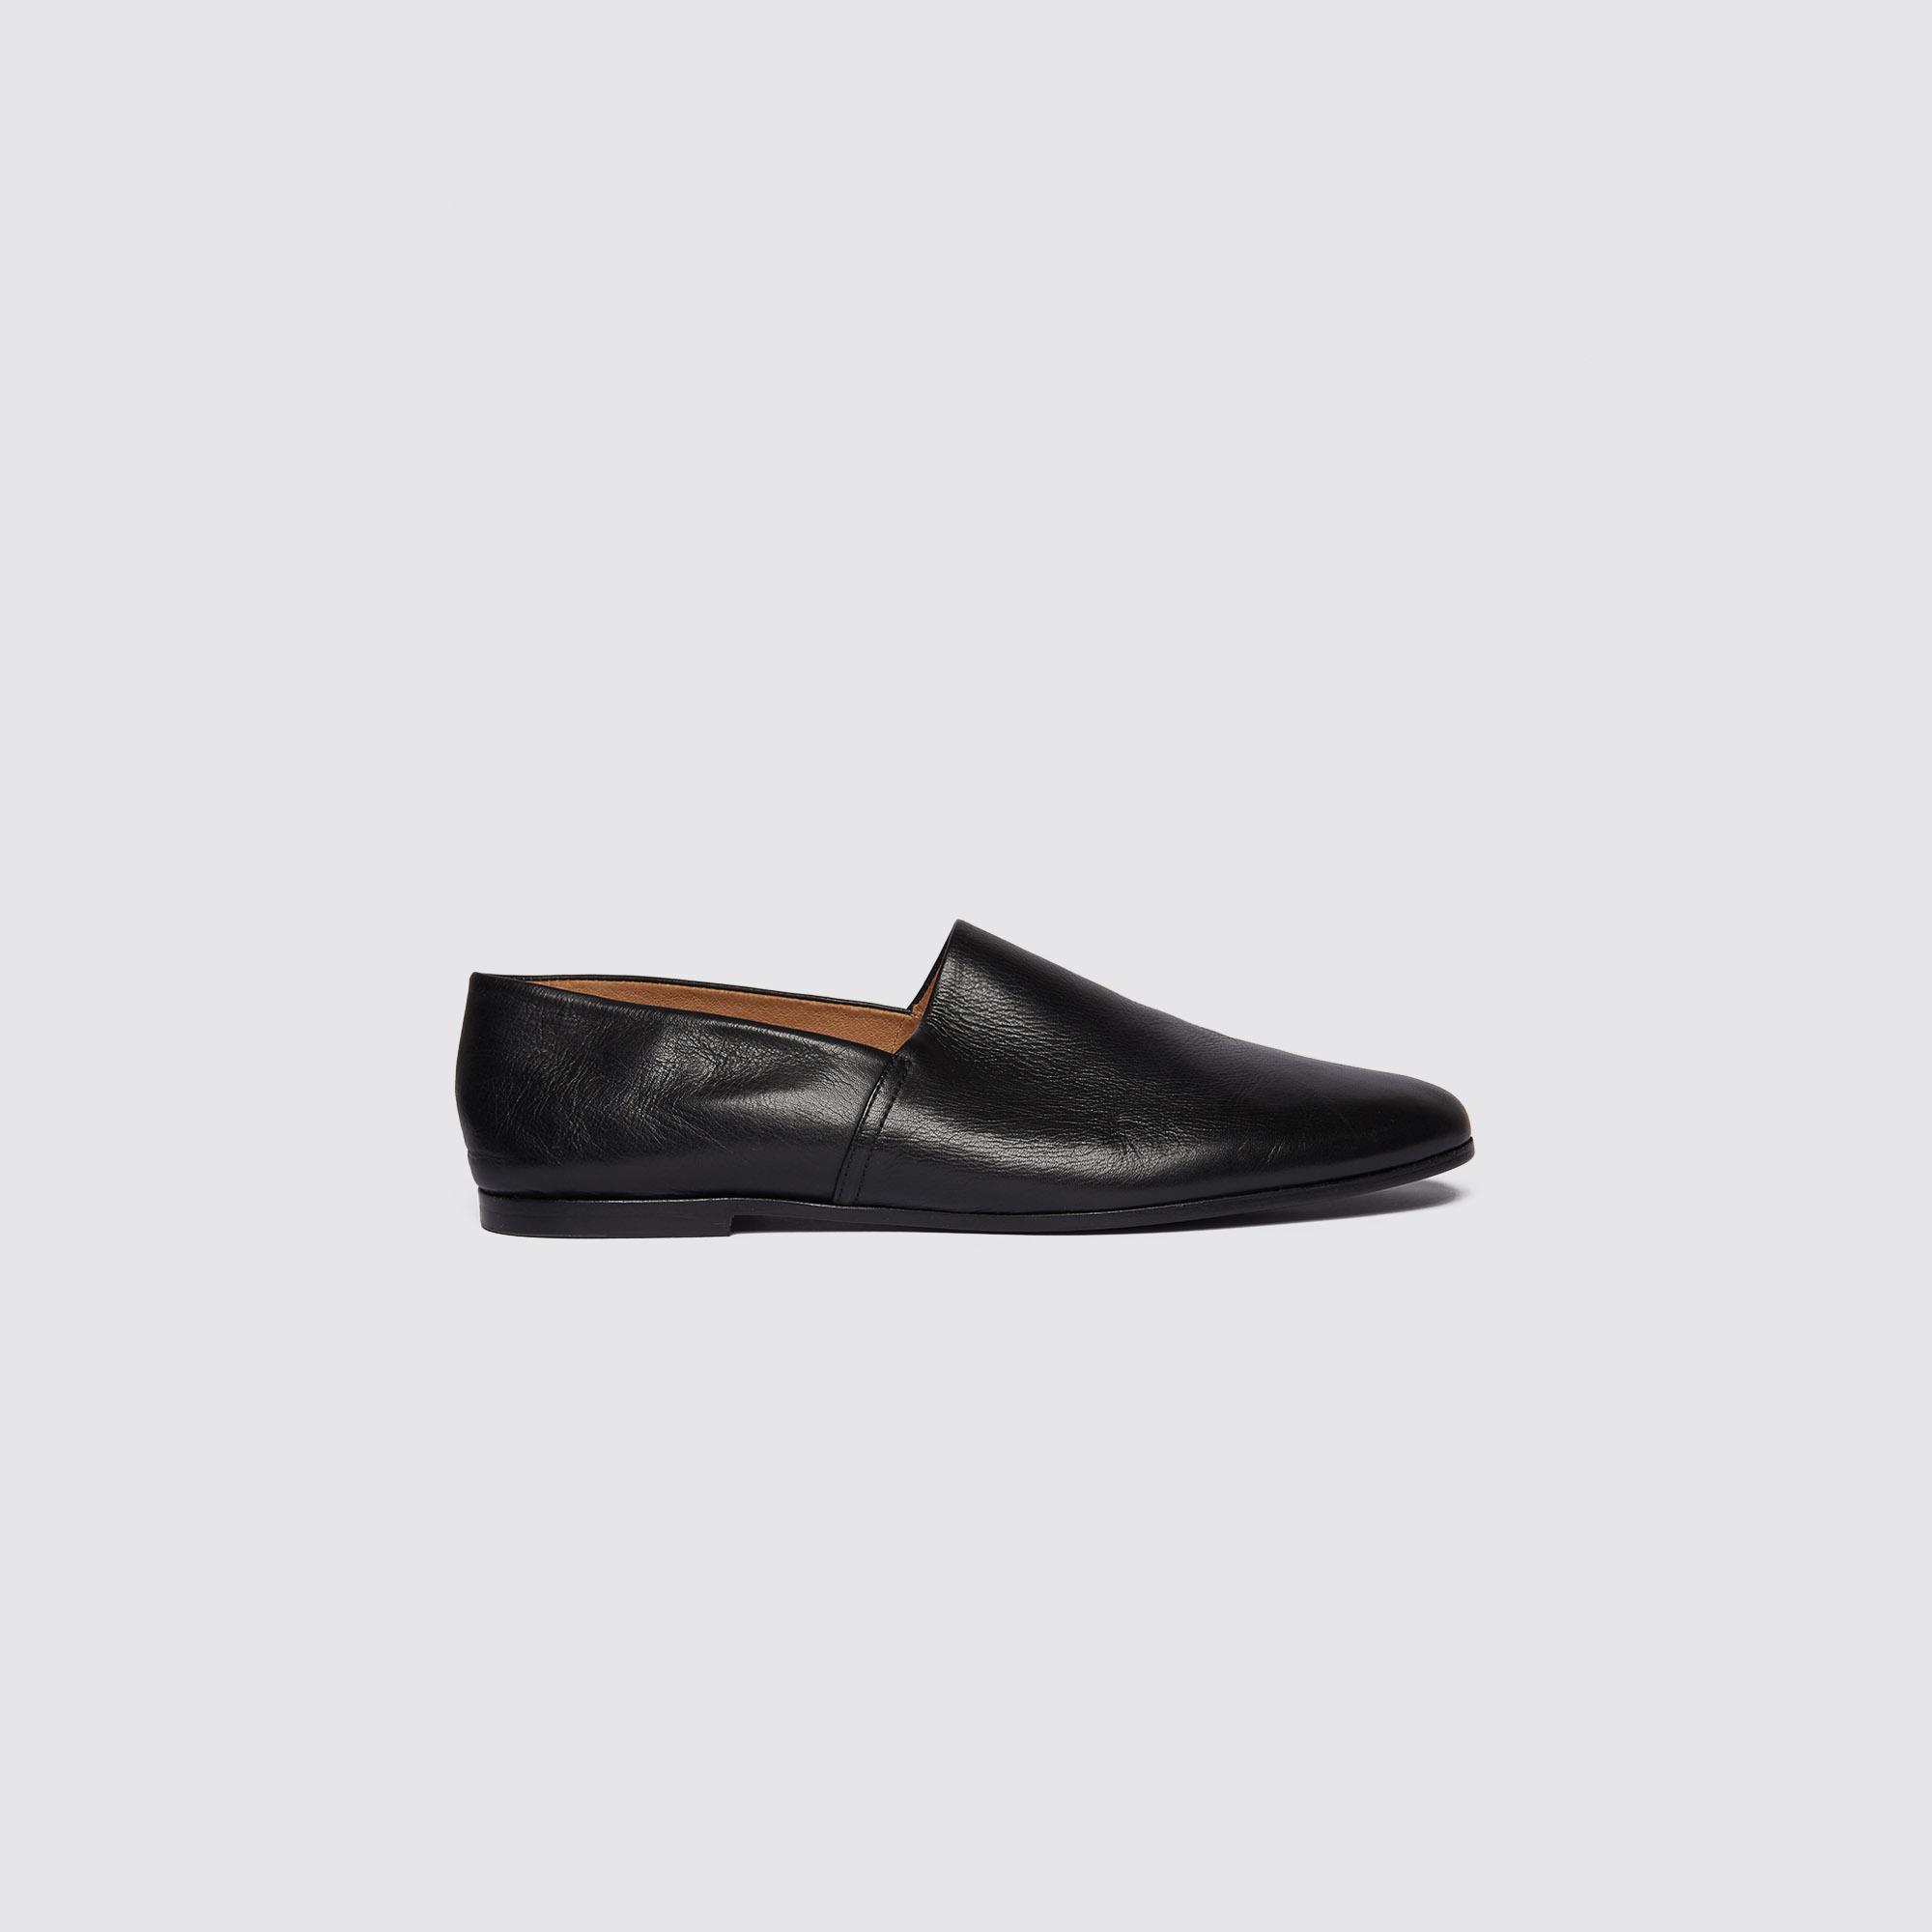 Sandro Paris Mens Shoes